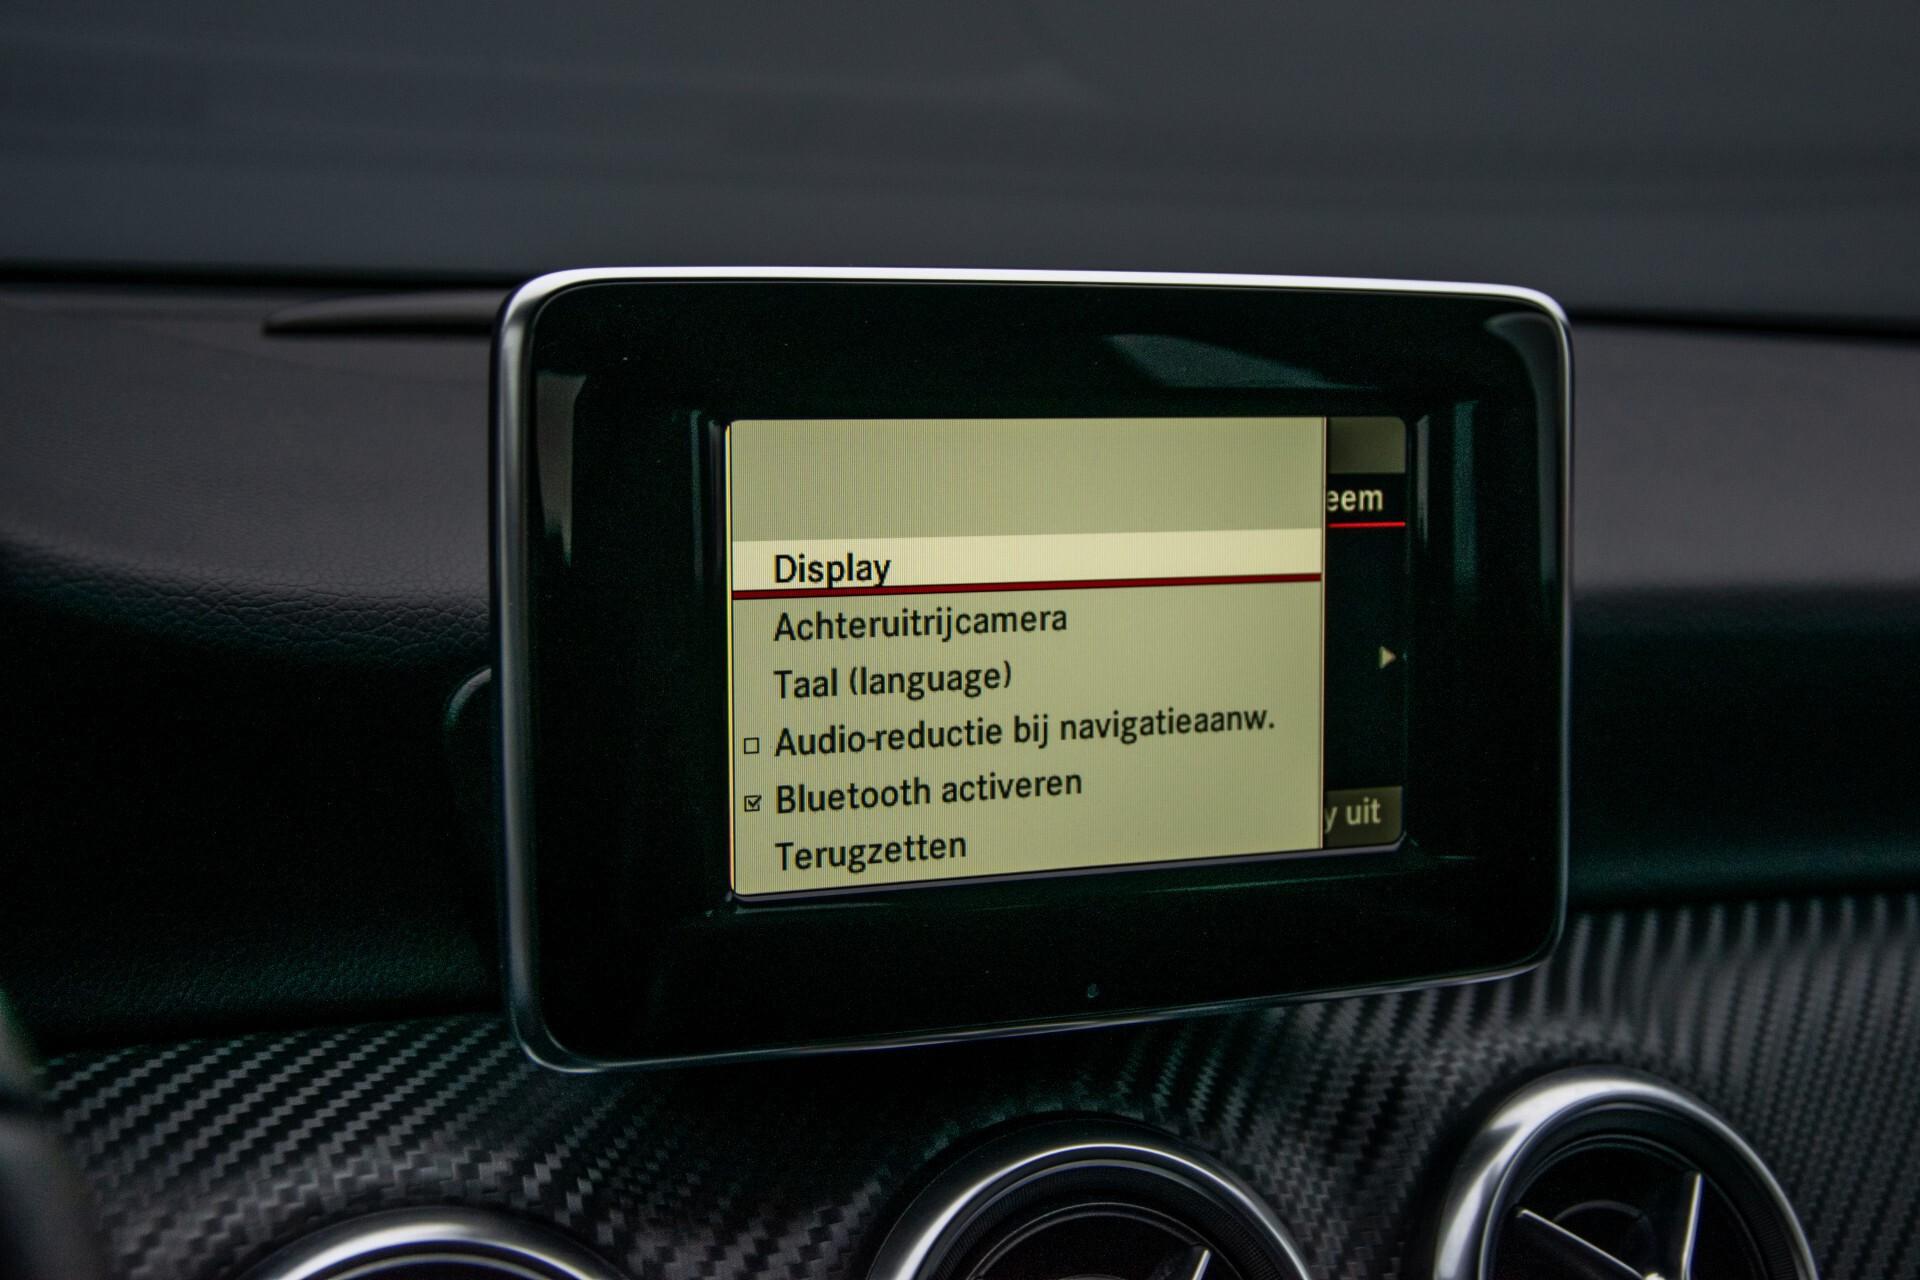 Mercedes-Benz A-Klasse 180 AMG Dynamic Handling/Camera/Xenon/Navi/Privacy Aut7 Foto 27